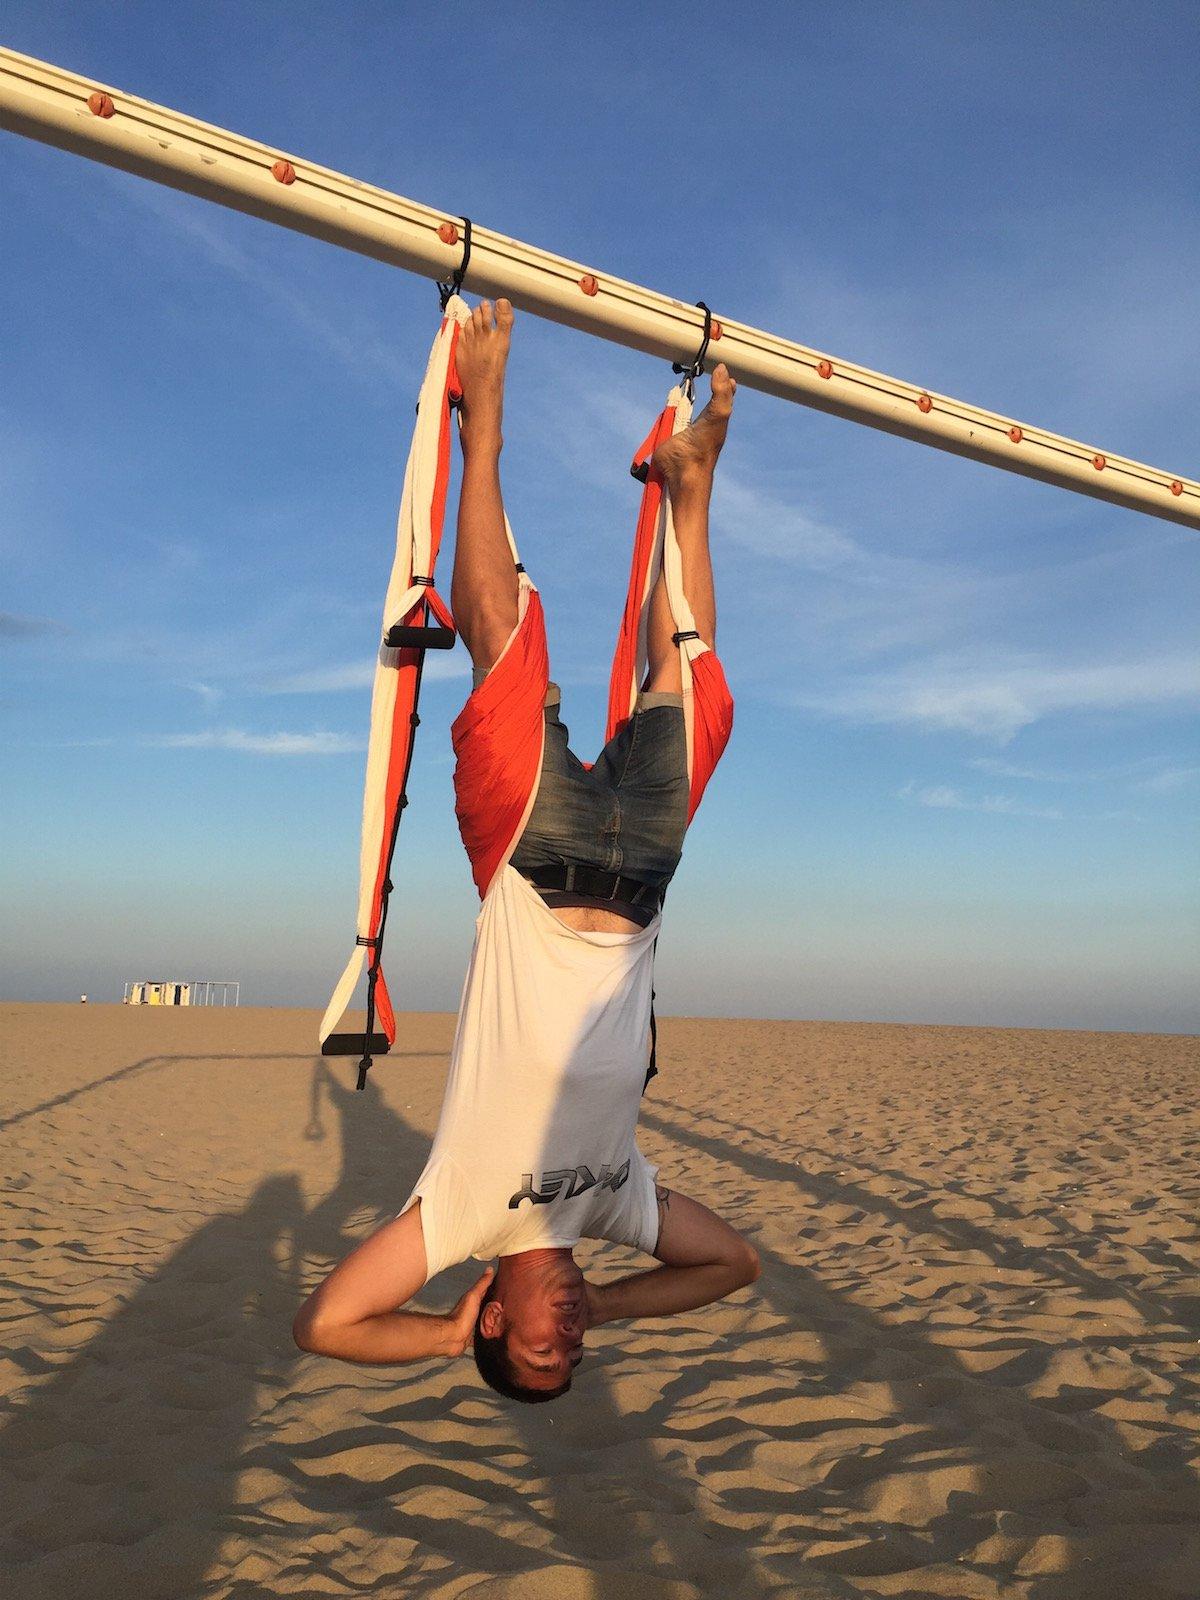 vaihayasa sambala sirsasa en Espacio Aum Castelldefels - Tu centro de yoga